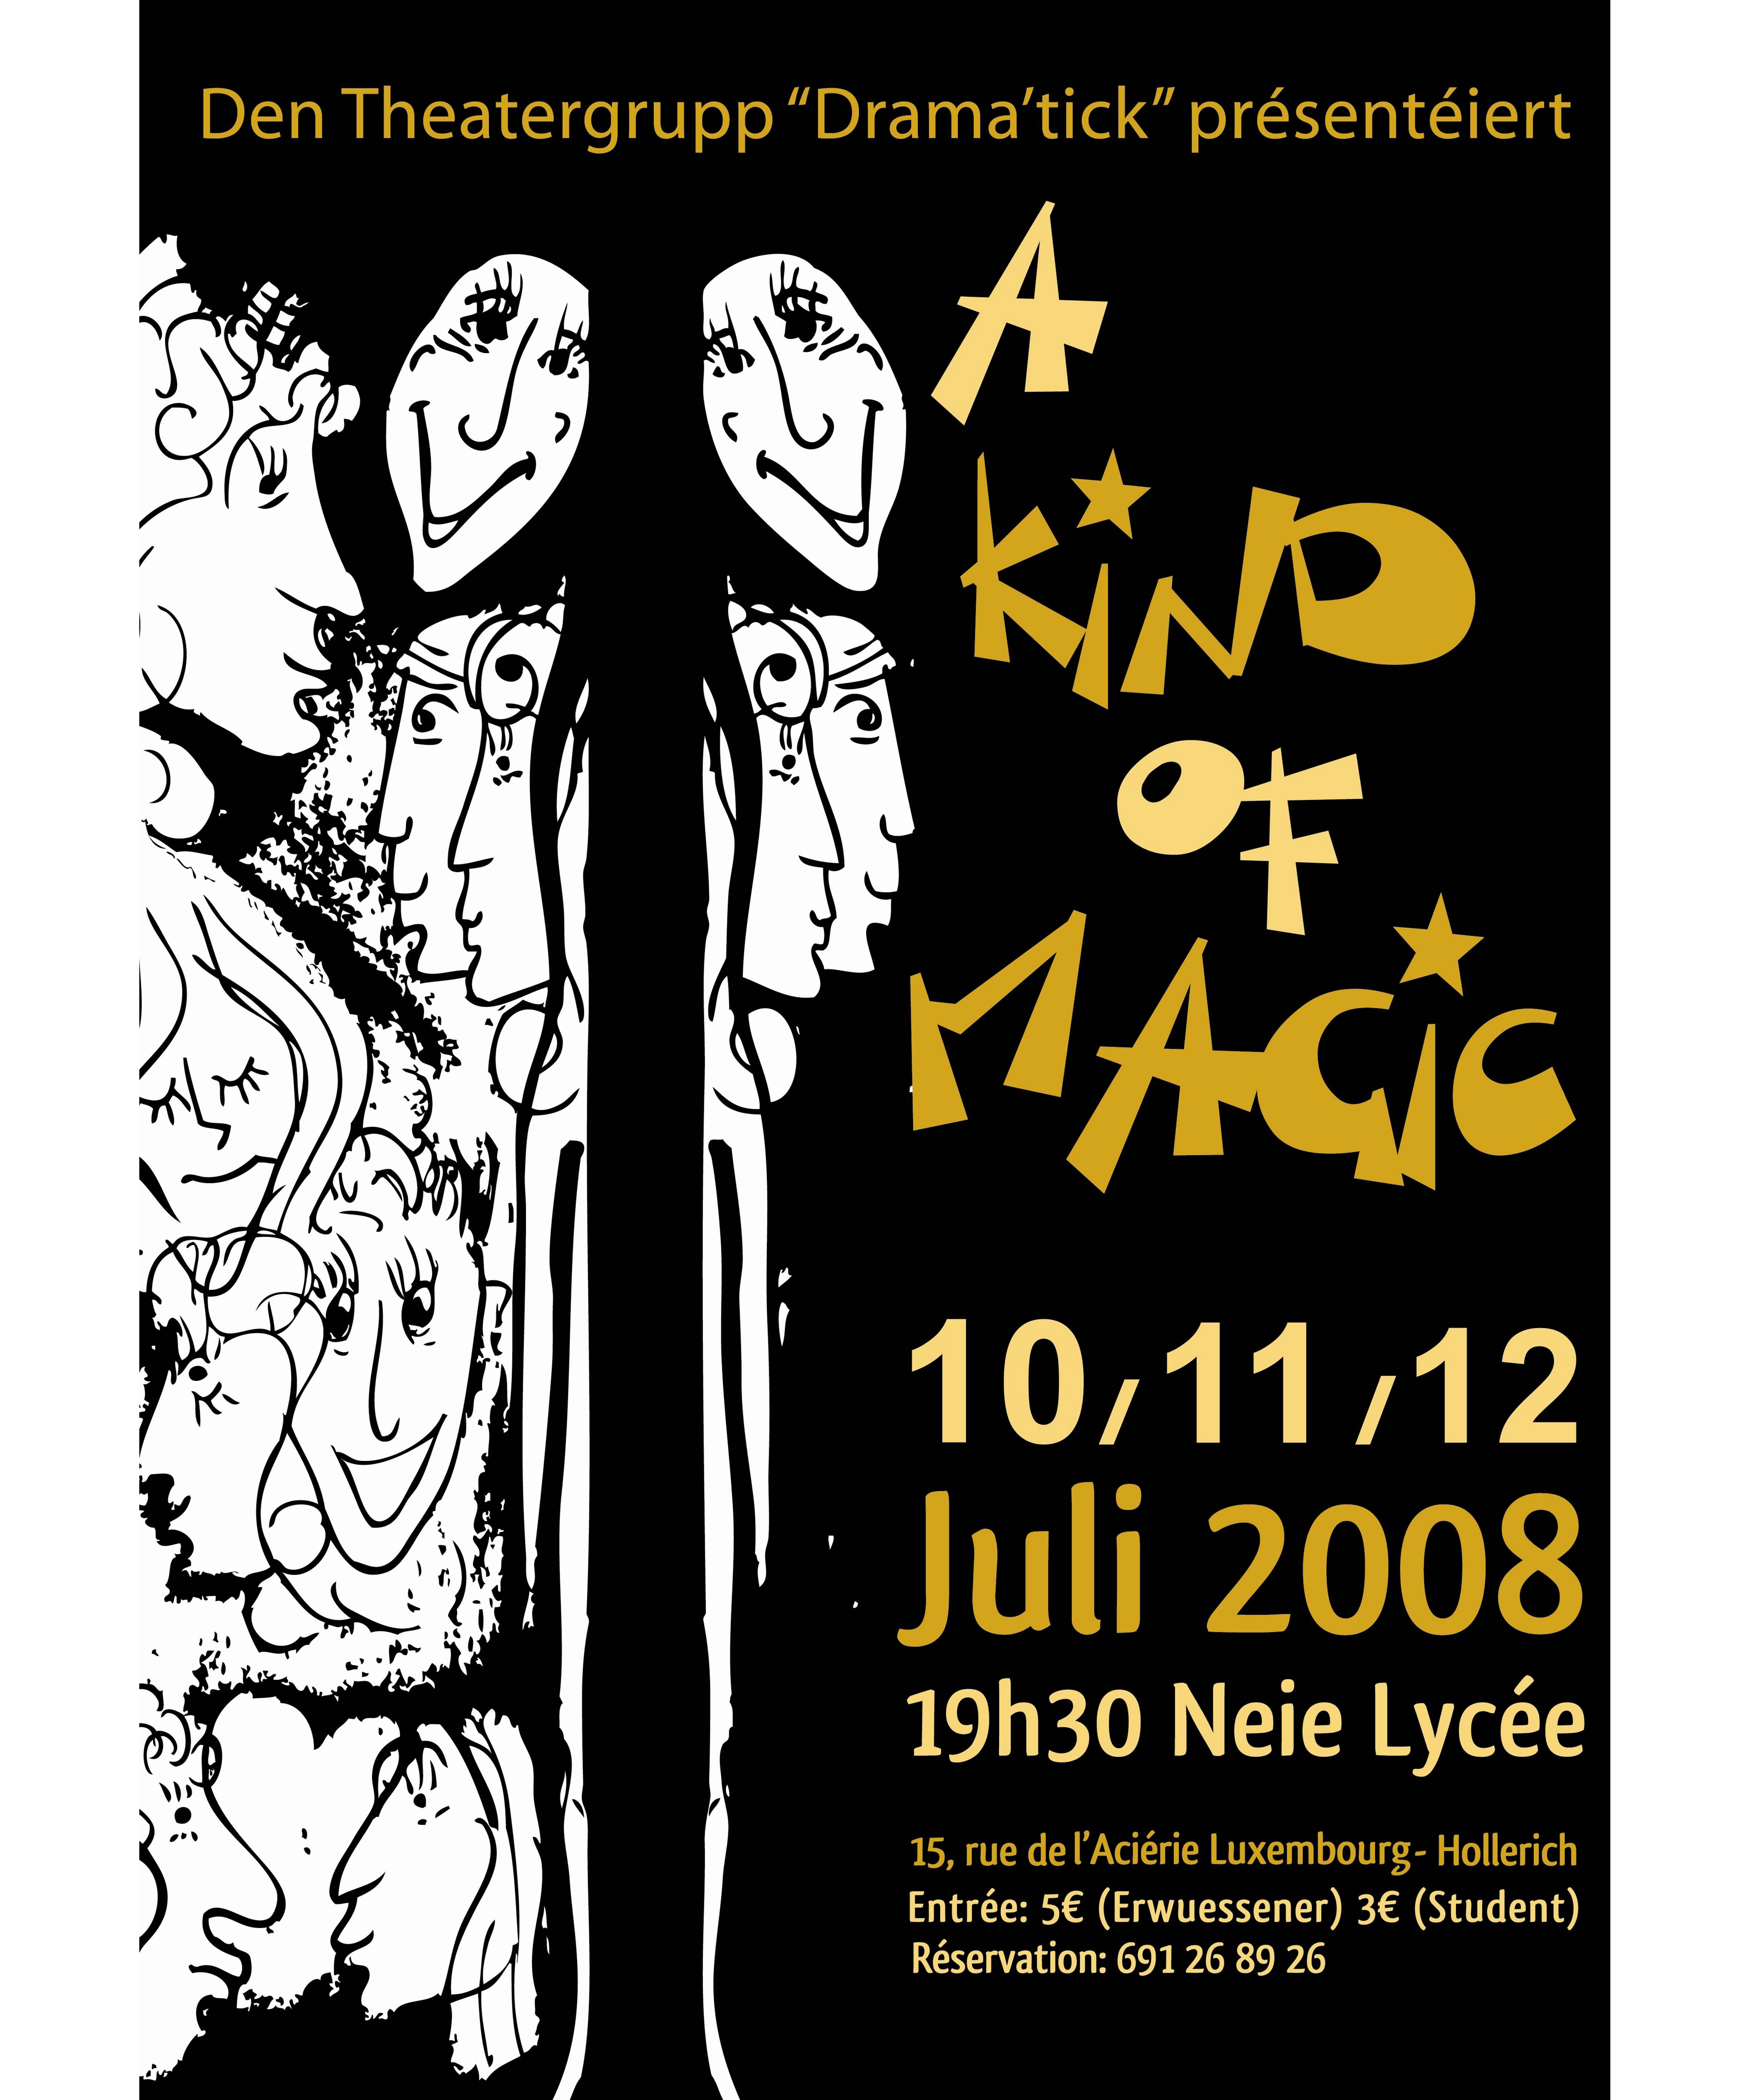 2008 A kind of magic_affiche copy copy.jpg